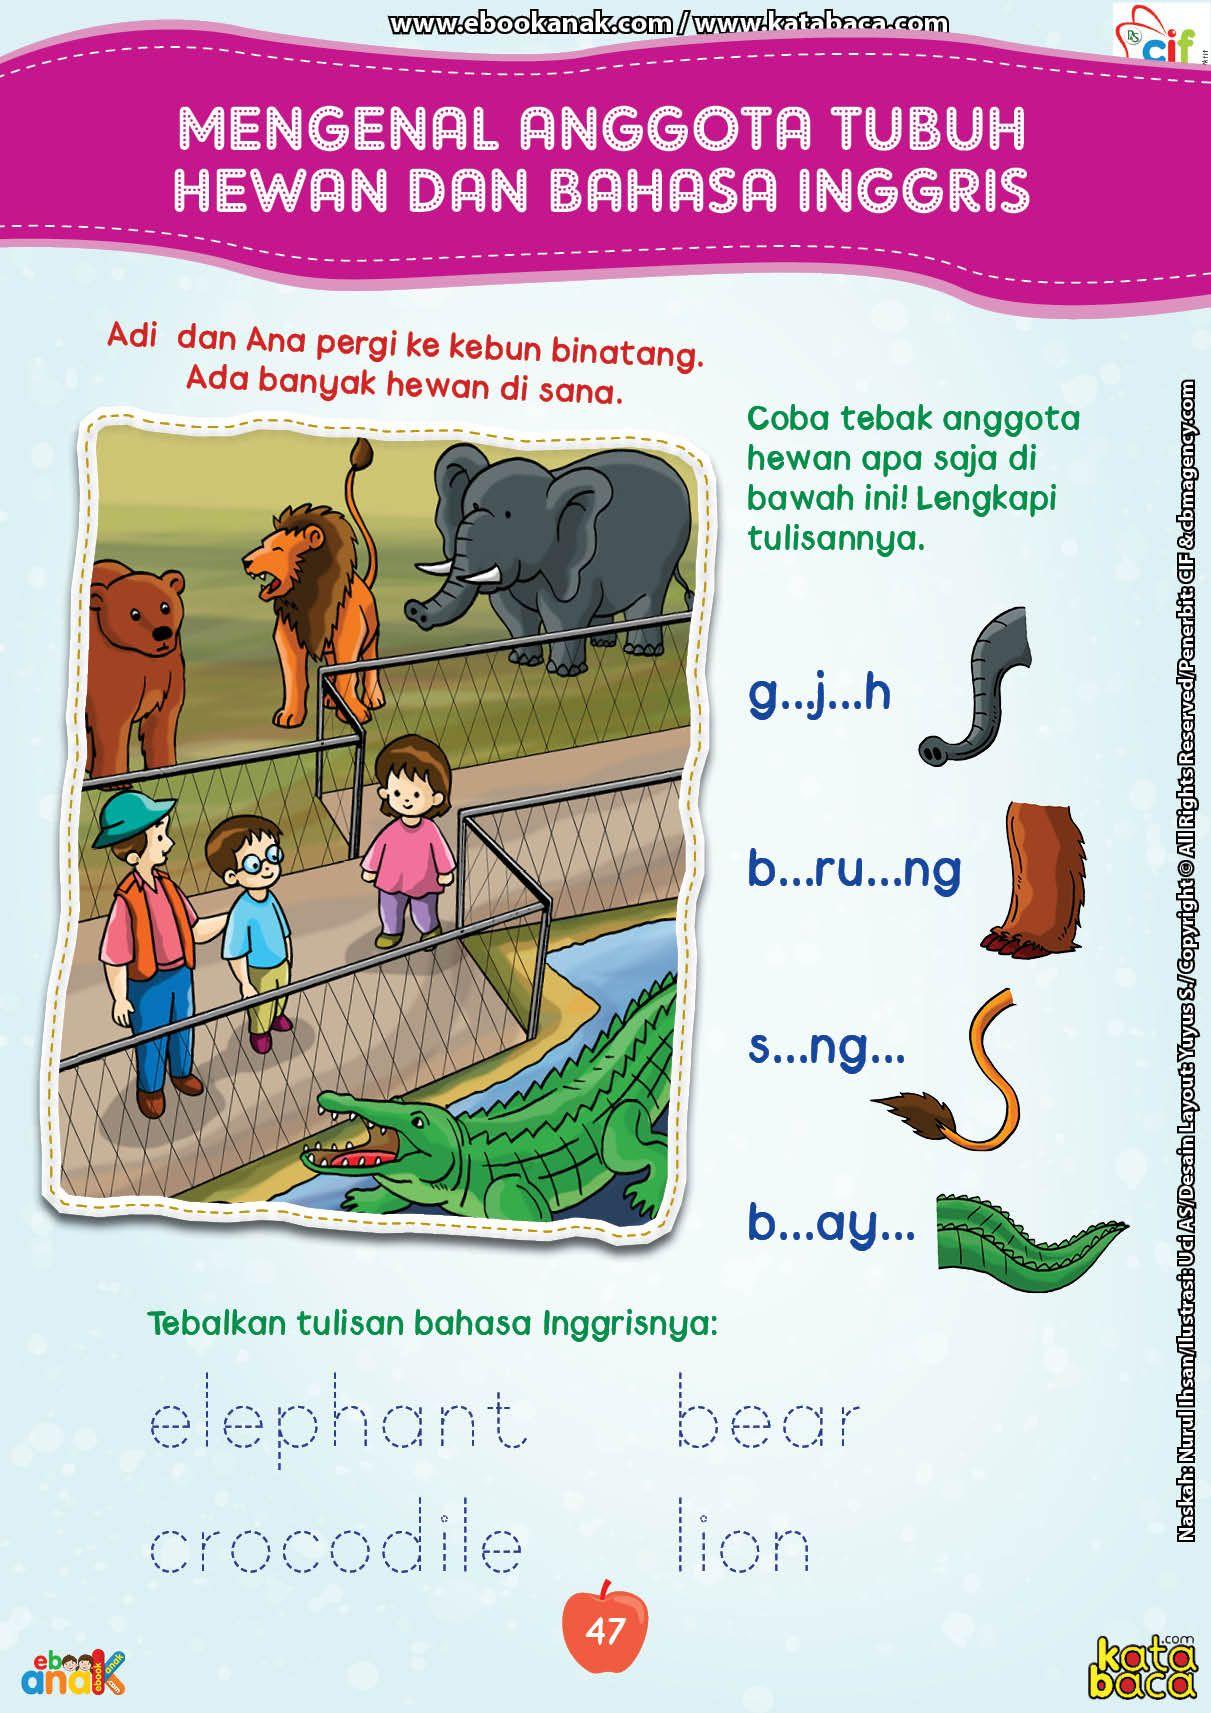 Mengenal Anggota Tubuh Hewan Dalam Bahasa Inggris Hewan Tubuh Buku Pelajaran